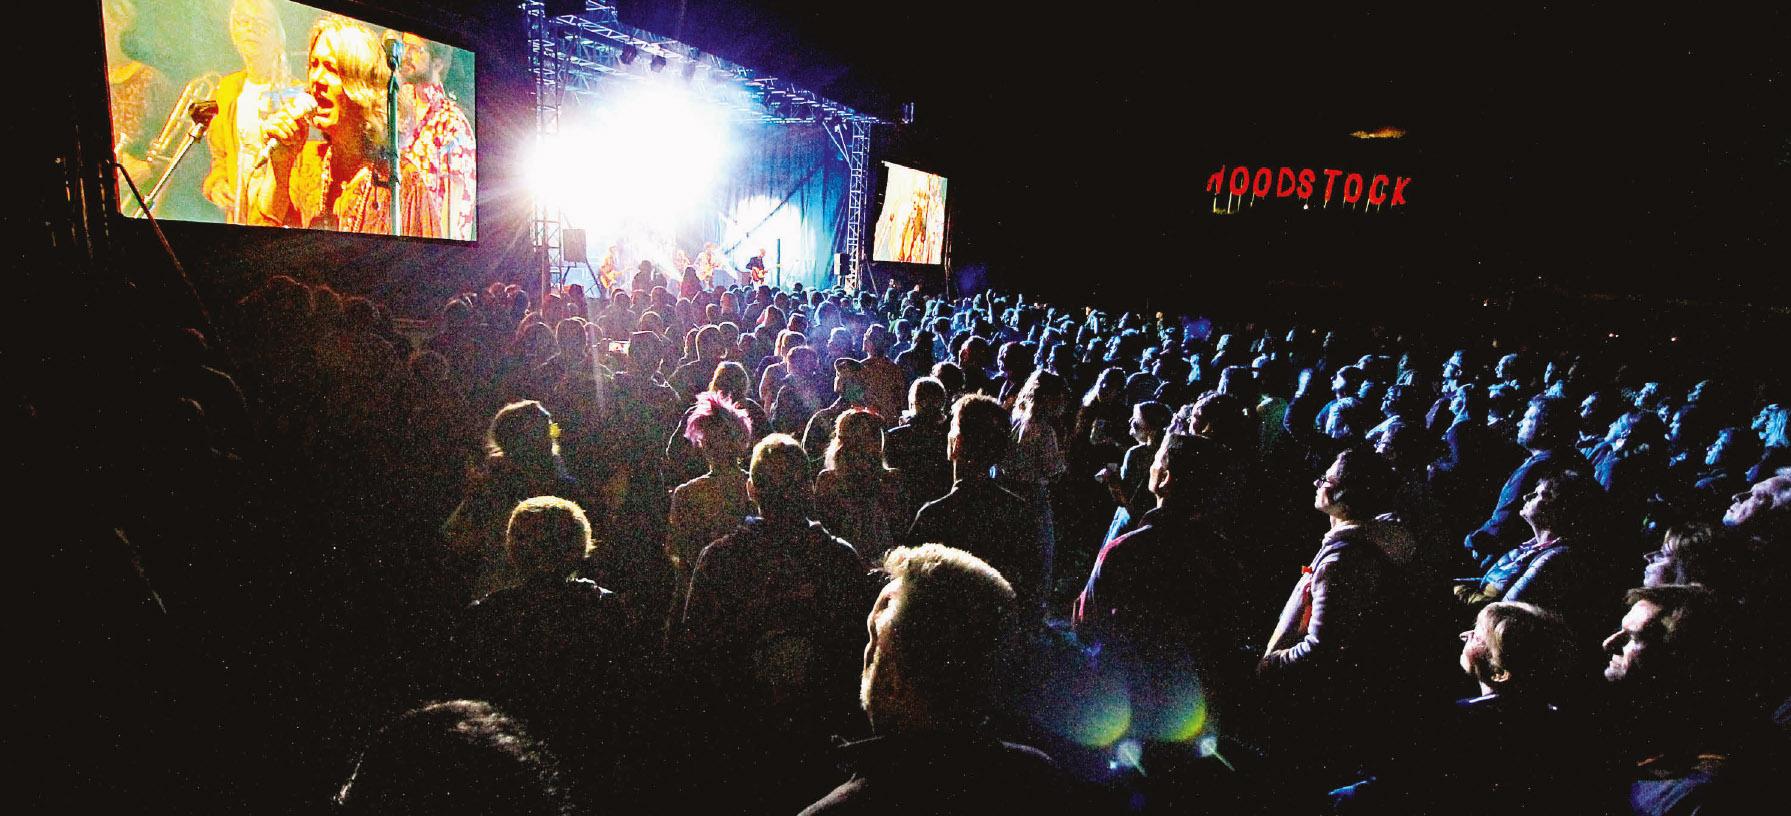 La Chaux s/ Woodstock – La nostalgie a triomphé !